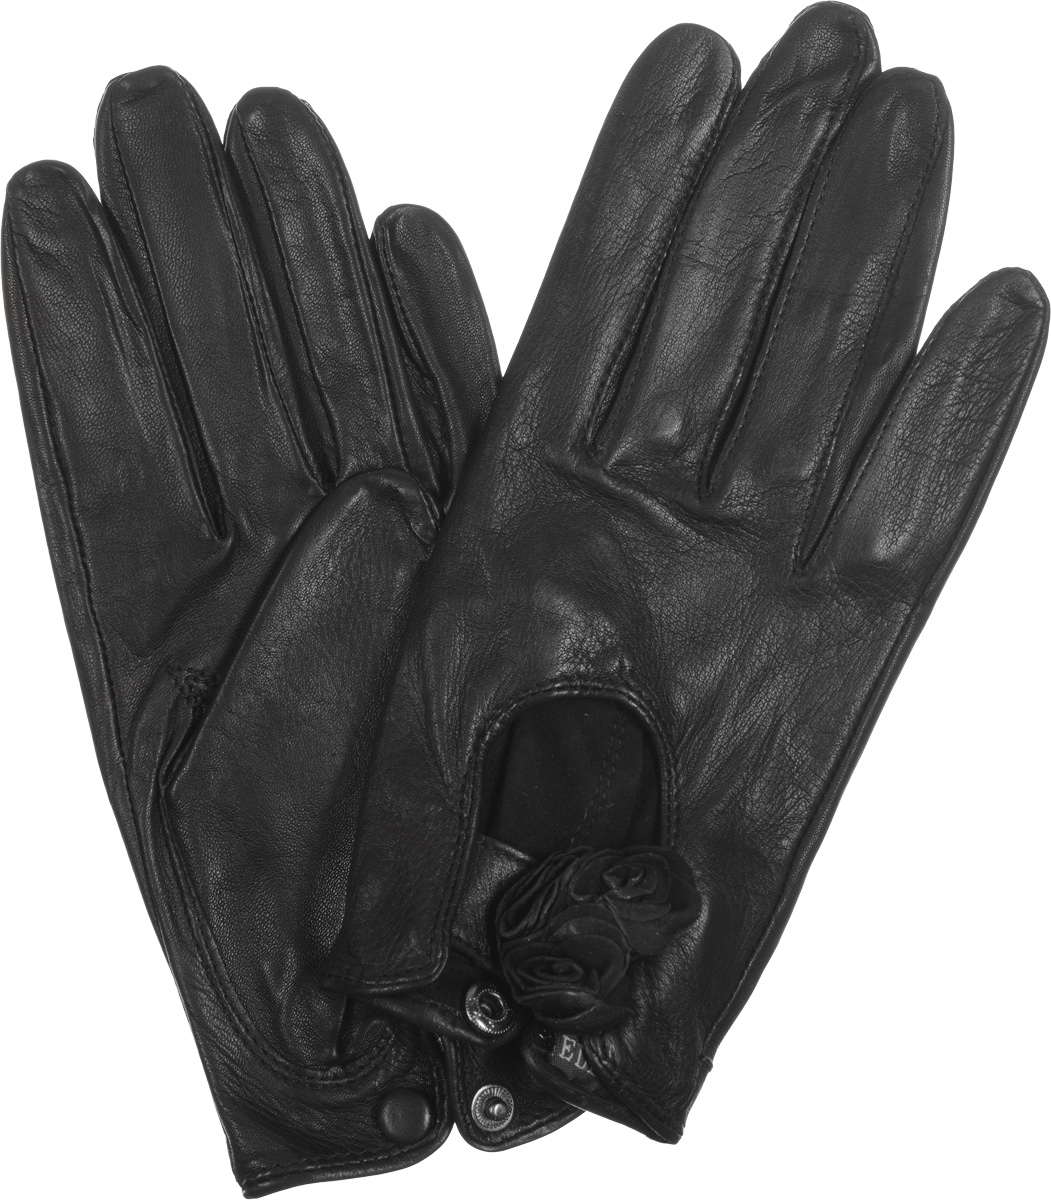 Перчатки женские Eleganzza, цвет: черный. HP02020. Размер 7HP02020Стильные женские перчатки Eleganzza выполнены из кожи ягненка с напылением, придающим мерцающий блеск. На лицевой стороне - вырез и декоративный ремешок с цветами из кожи. На внутренней стороне манжеты - разрез с металлической кнопкой, обтянутой кожей.Перчатки станут идеальным аксессуаром, дополняющим ваш стиль и неповторимость в современном мире моды.